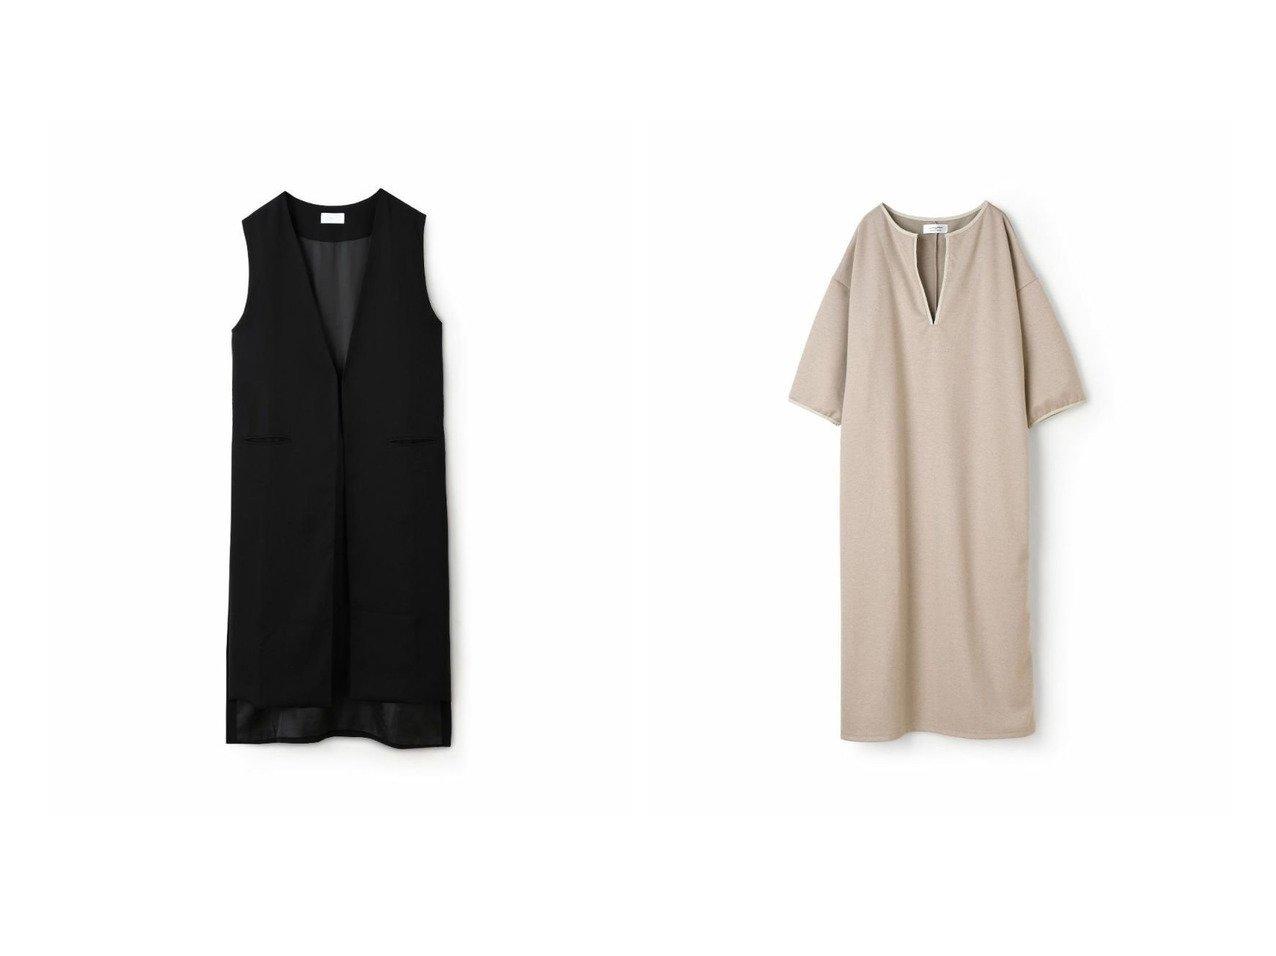 【marjour/マージュール】の2wayパイピングワンピース 2WAY PIPING ONEPIECE&marjourジョーゼットジレ GEORGETTE GILET おすすめ!人気、トレンド・レディースファッションの通販 おすすめで人気の流行・トレンド、ファッションの通販商品 メンズファッション・キッズファッション・インテリア・家具・レディースファッション・服の通販 founy(ファニー) https://founy.com/ ファッション Fashion レディースファッション WOMEN アウター Coat Outerwear トップス・カットソー Tops/Tshirt ベスト/ジレ Gilets/Vests ワンピース Dress 秋 Autumn/Fall カットソー スタイリッシュ スリット スーツ ノースリーブ 長袖 ベーシック ロング 冬 Winter シンプル パイピング |ID:crp329100000026801